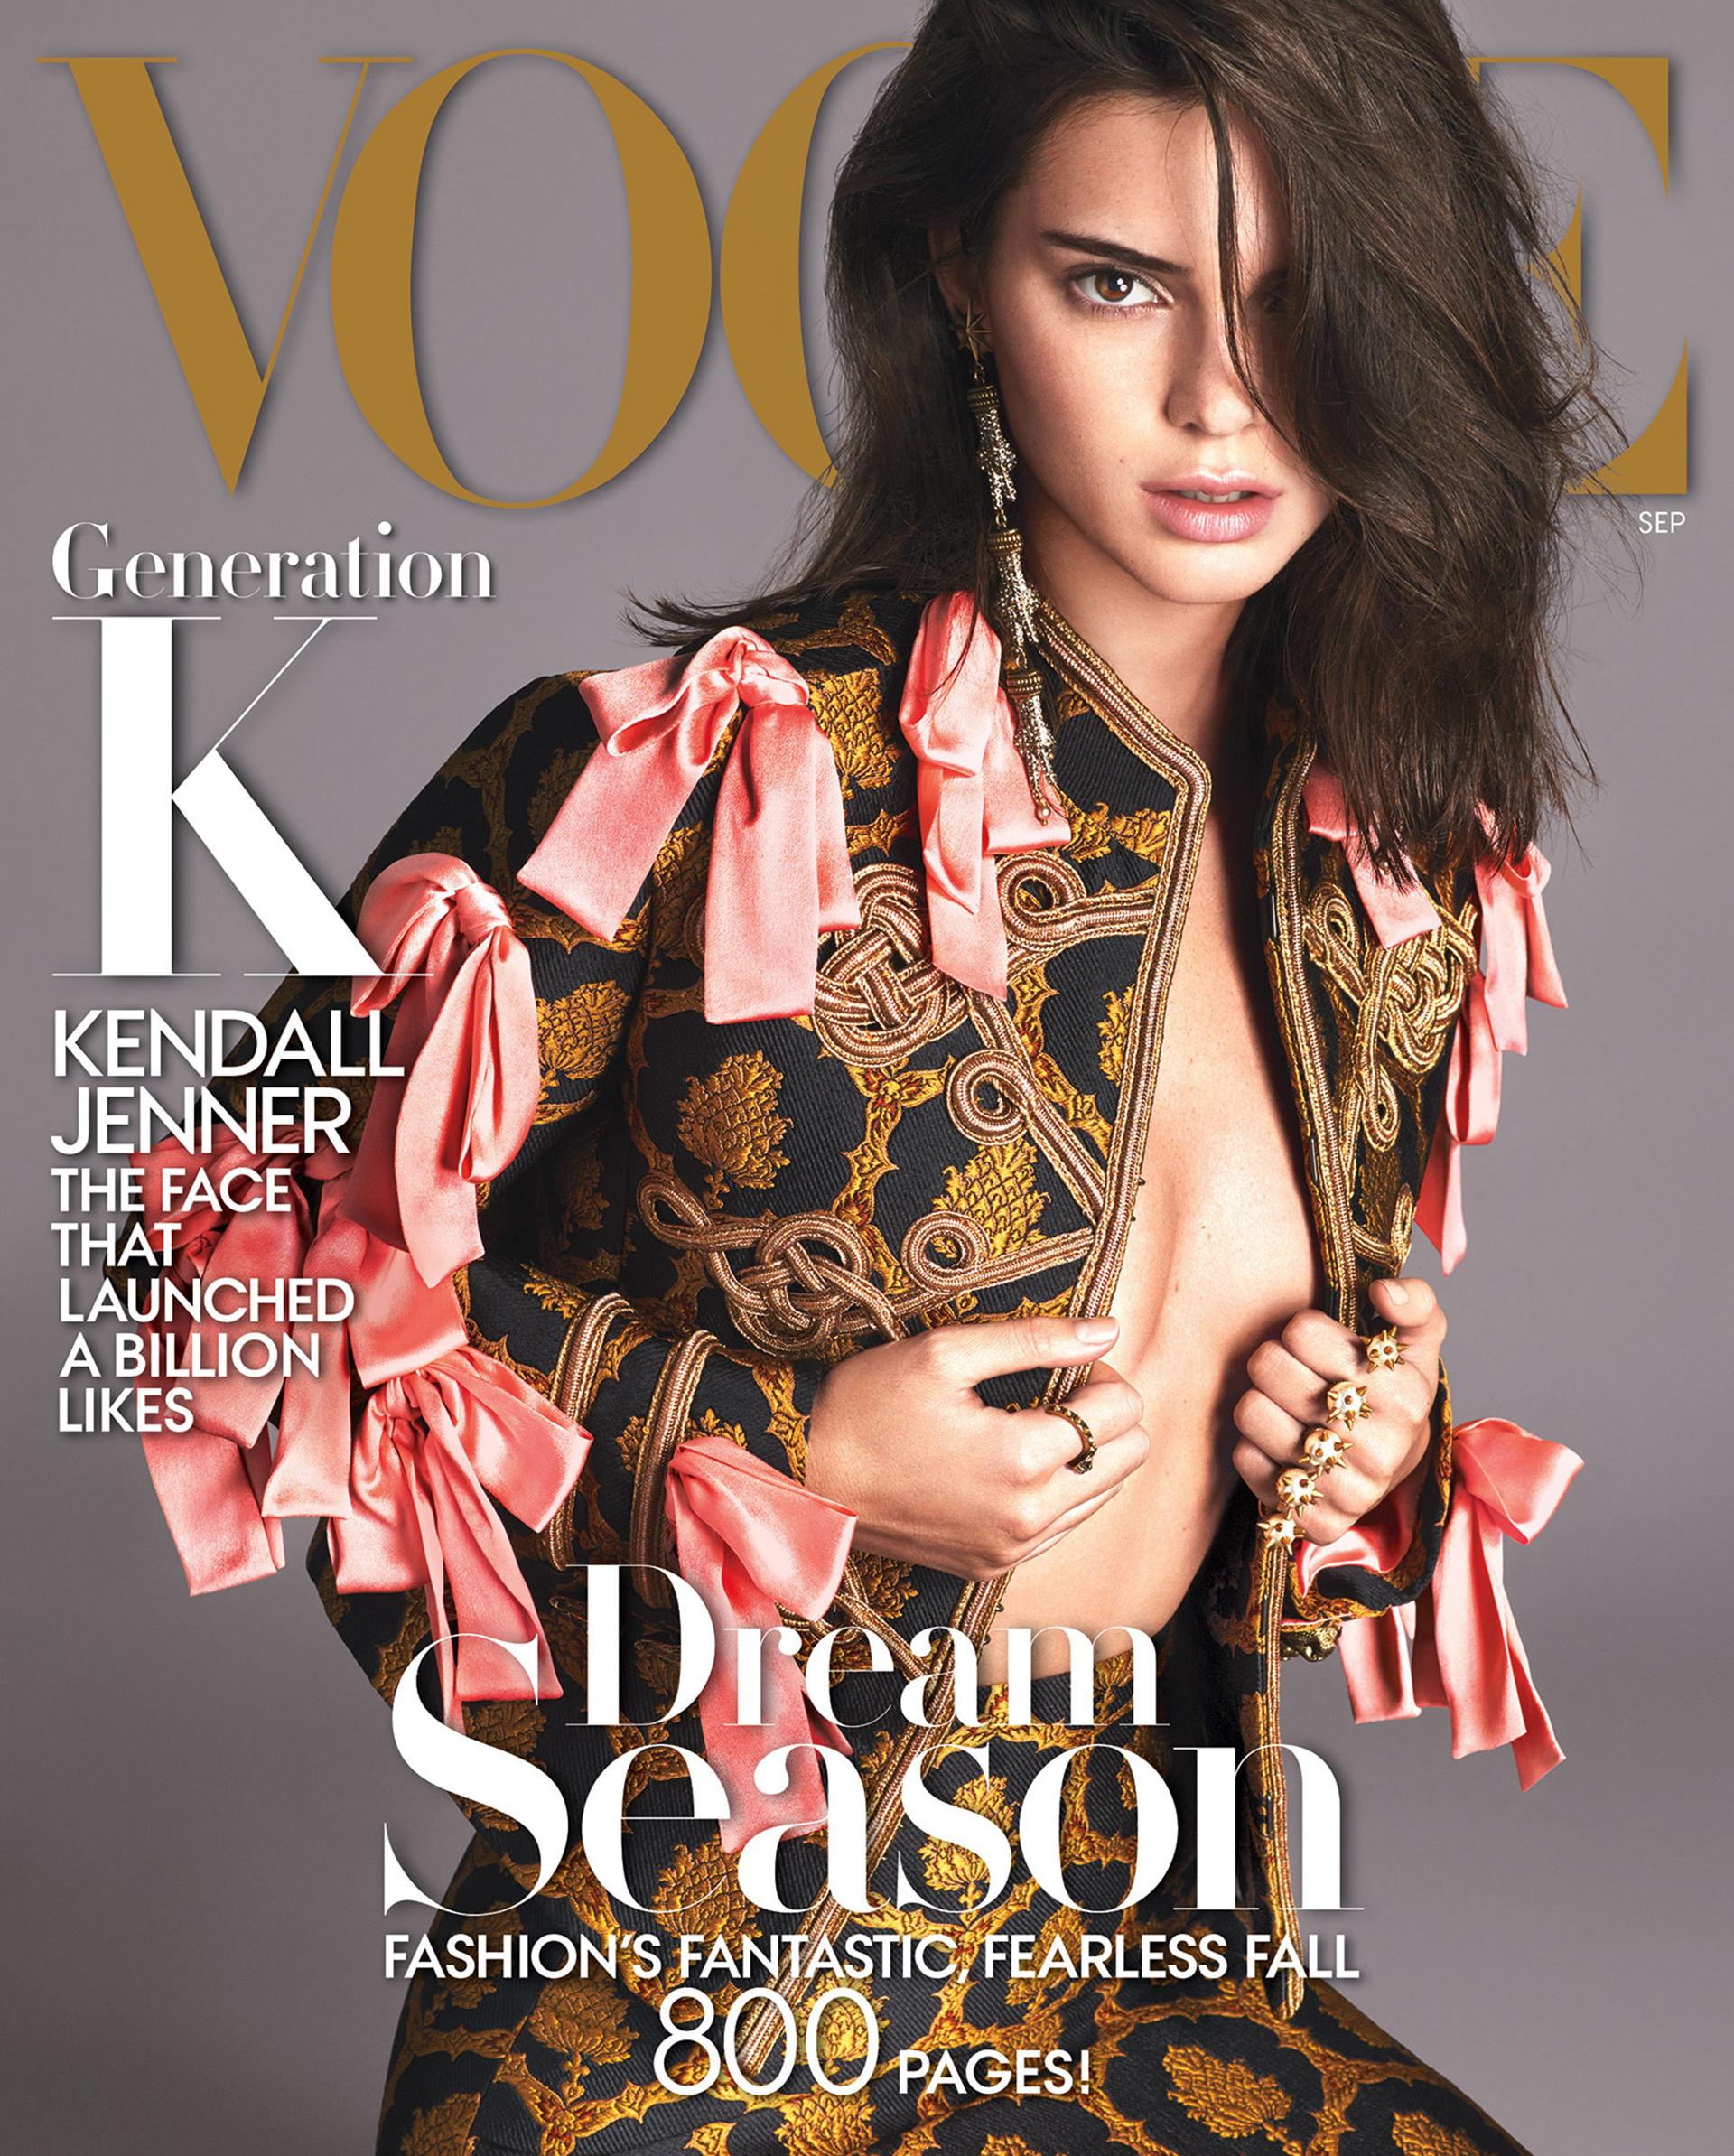 El fenómeno Kardashian también fue parte de la revista: Kendall Jenner marcó la portada de 2016.